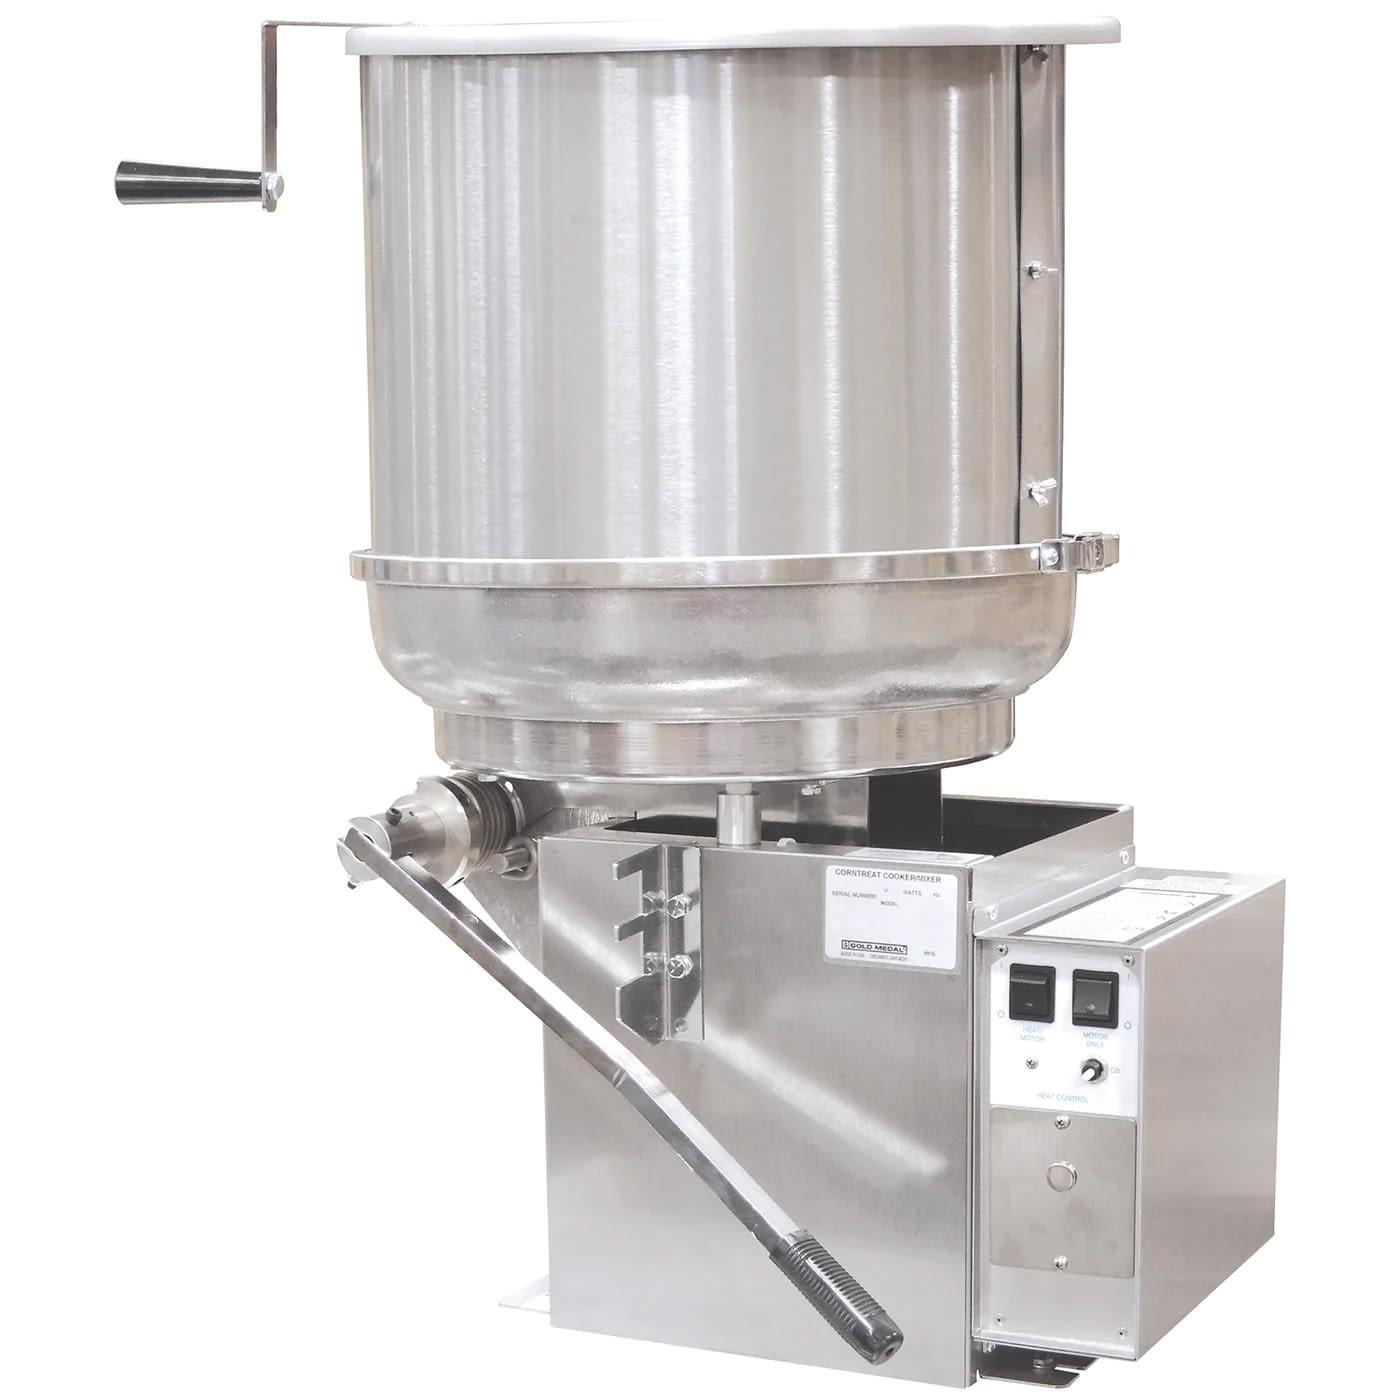 Gold Medal 2175ER Mark-5 Cooker Mixer w/ 5-gal Capacity & Right Hand Dump, 120/208V